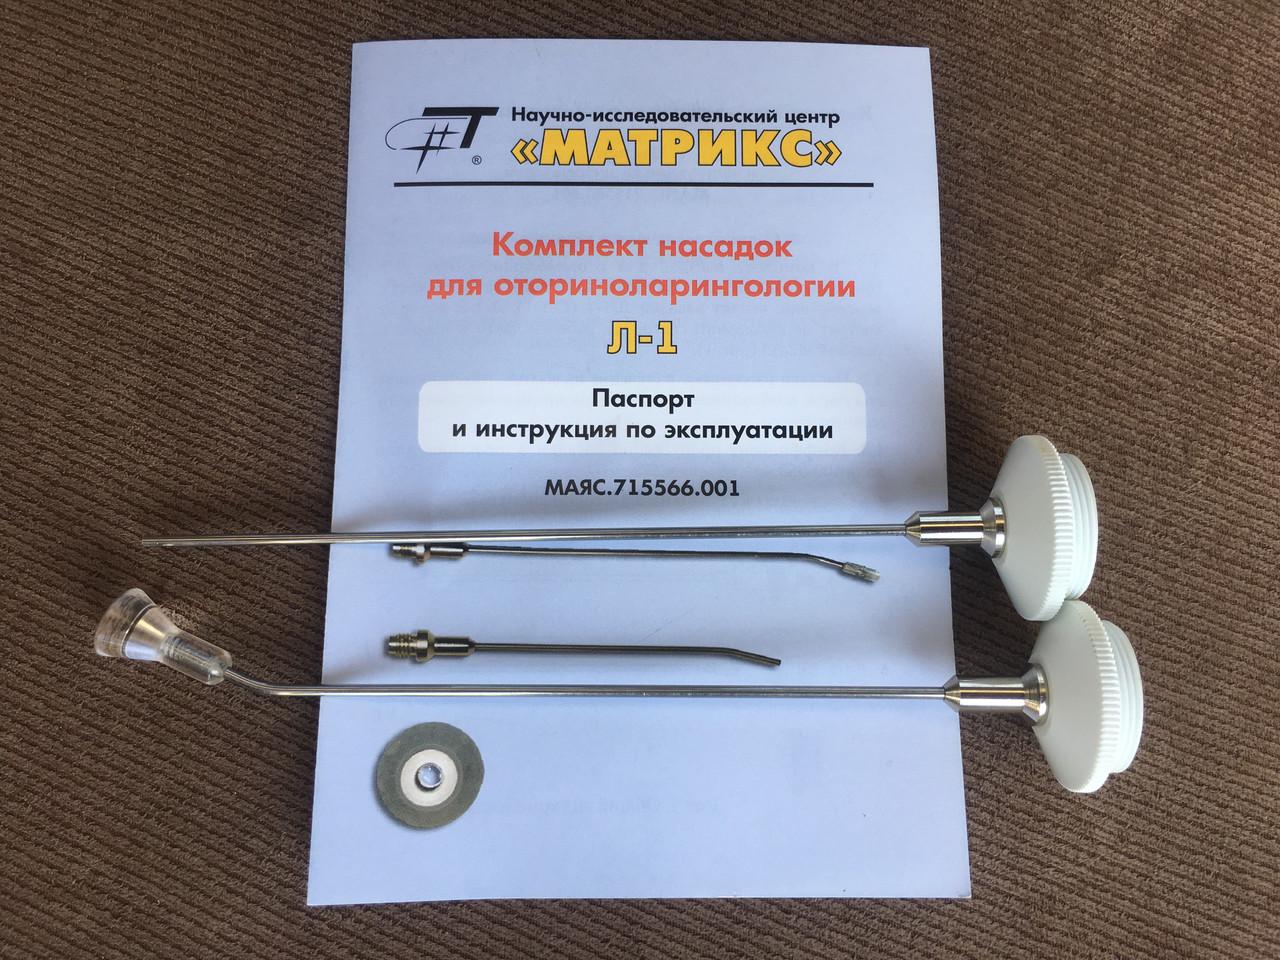 Комплект насадок для оториноларингологии Л-1